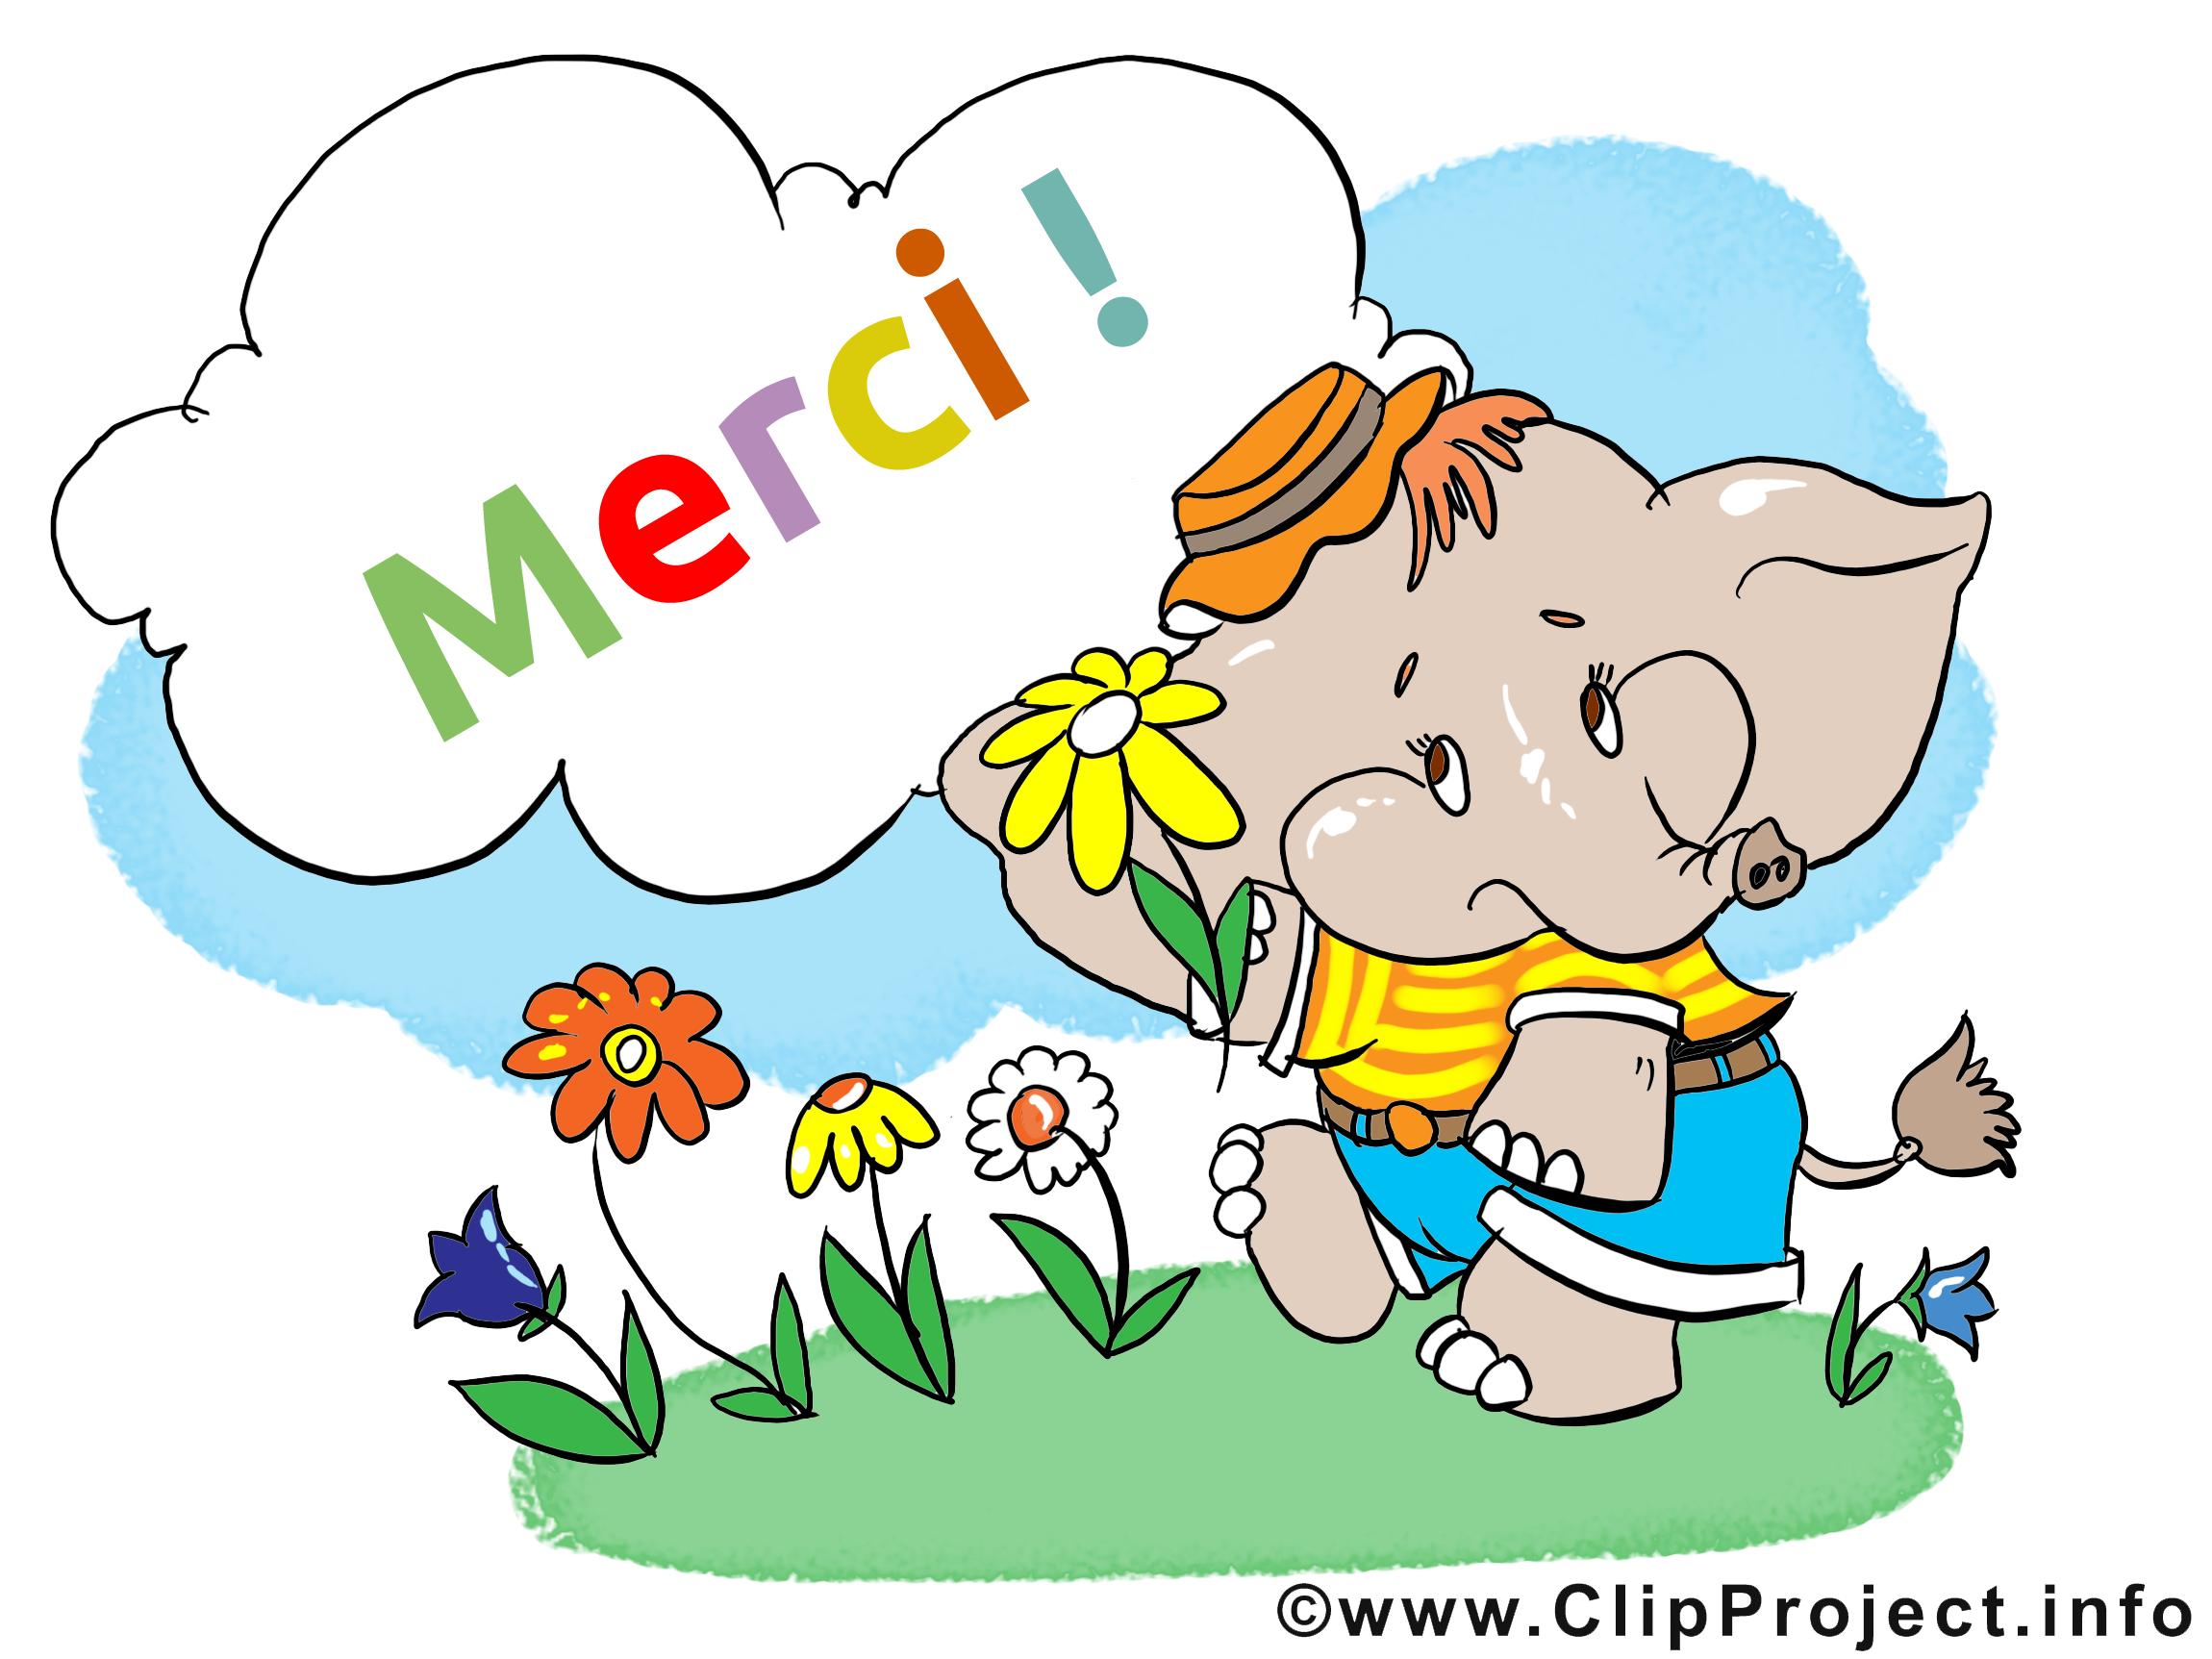 L phant clip art gratuit merci dessin merci dessin picture image graphic clip art - Photos d elephants gratuites ...